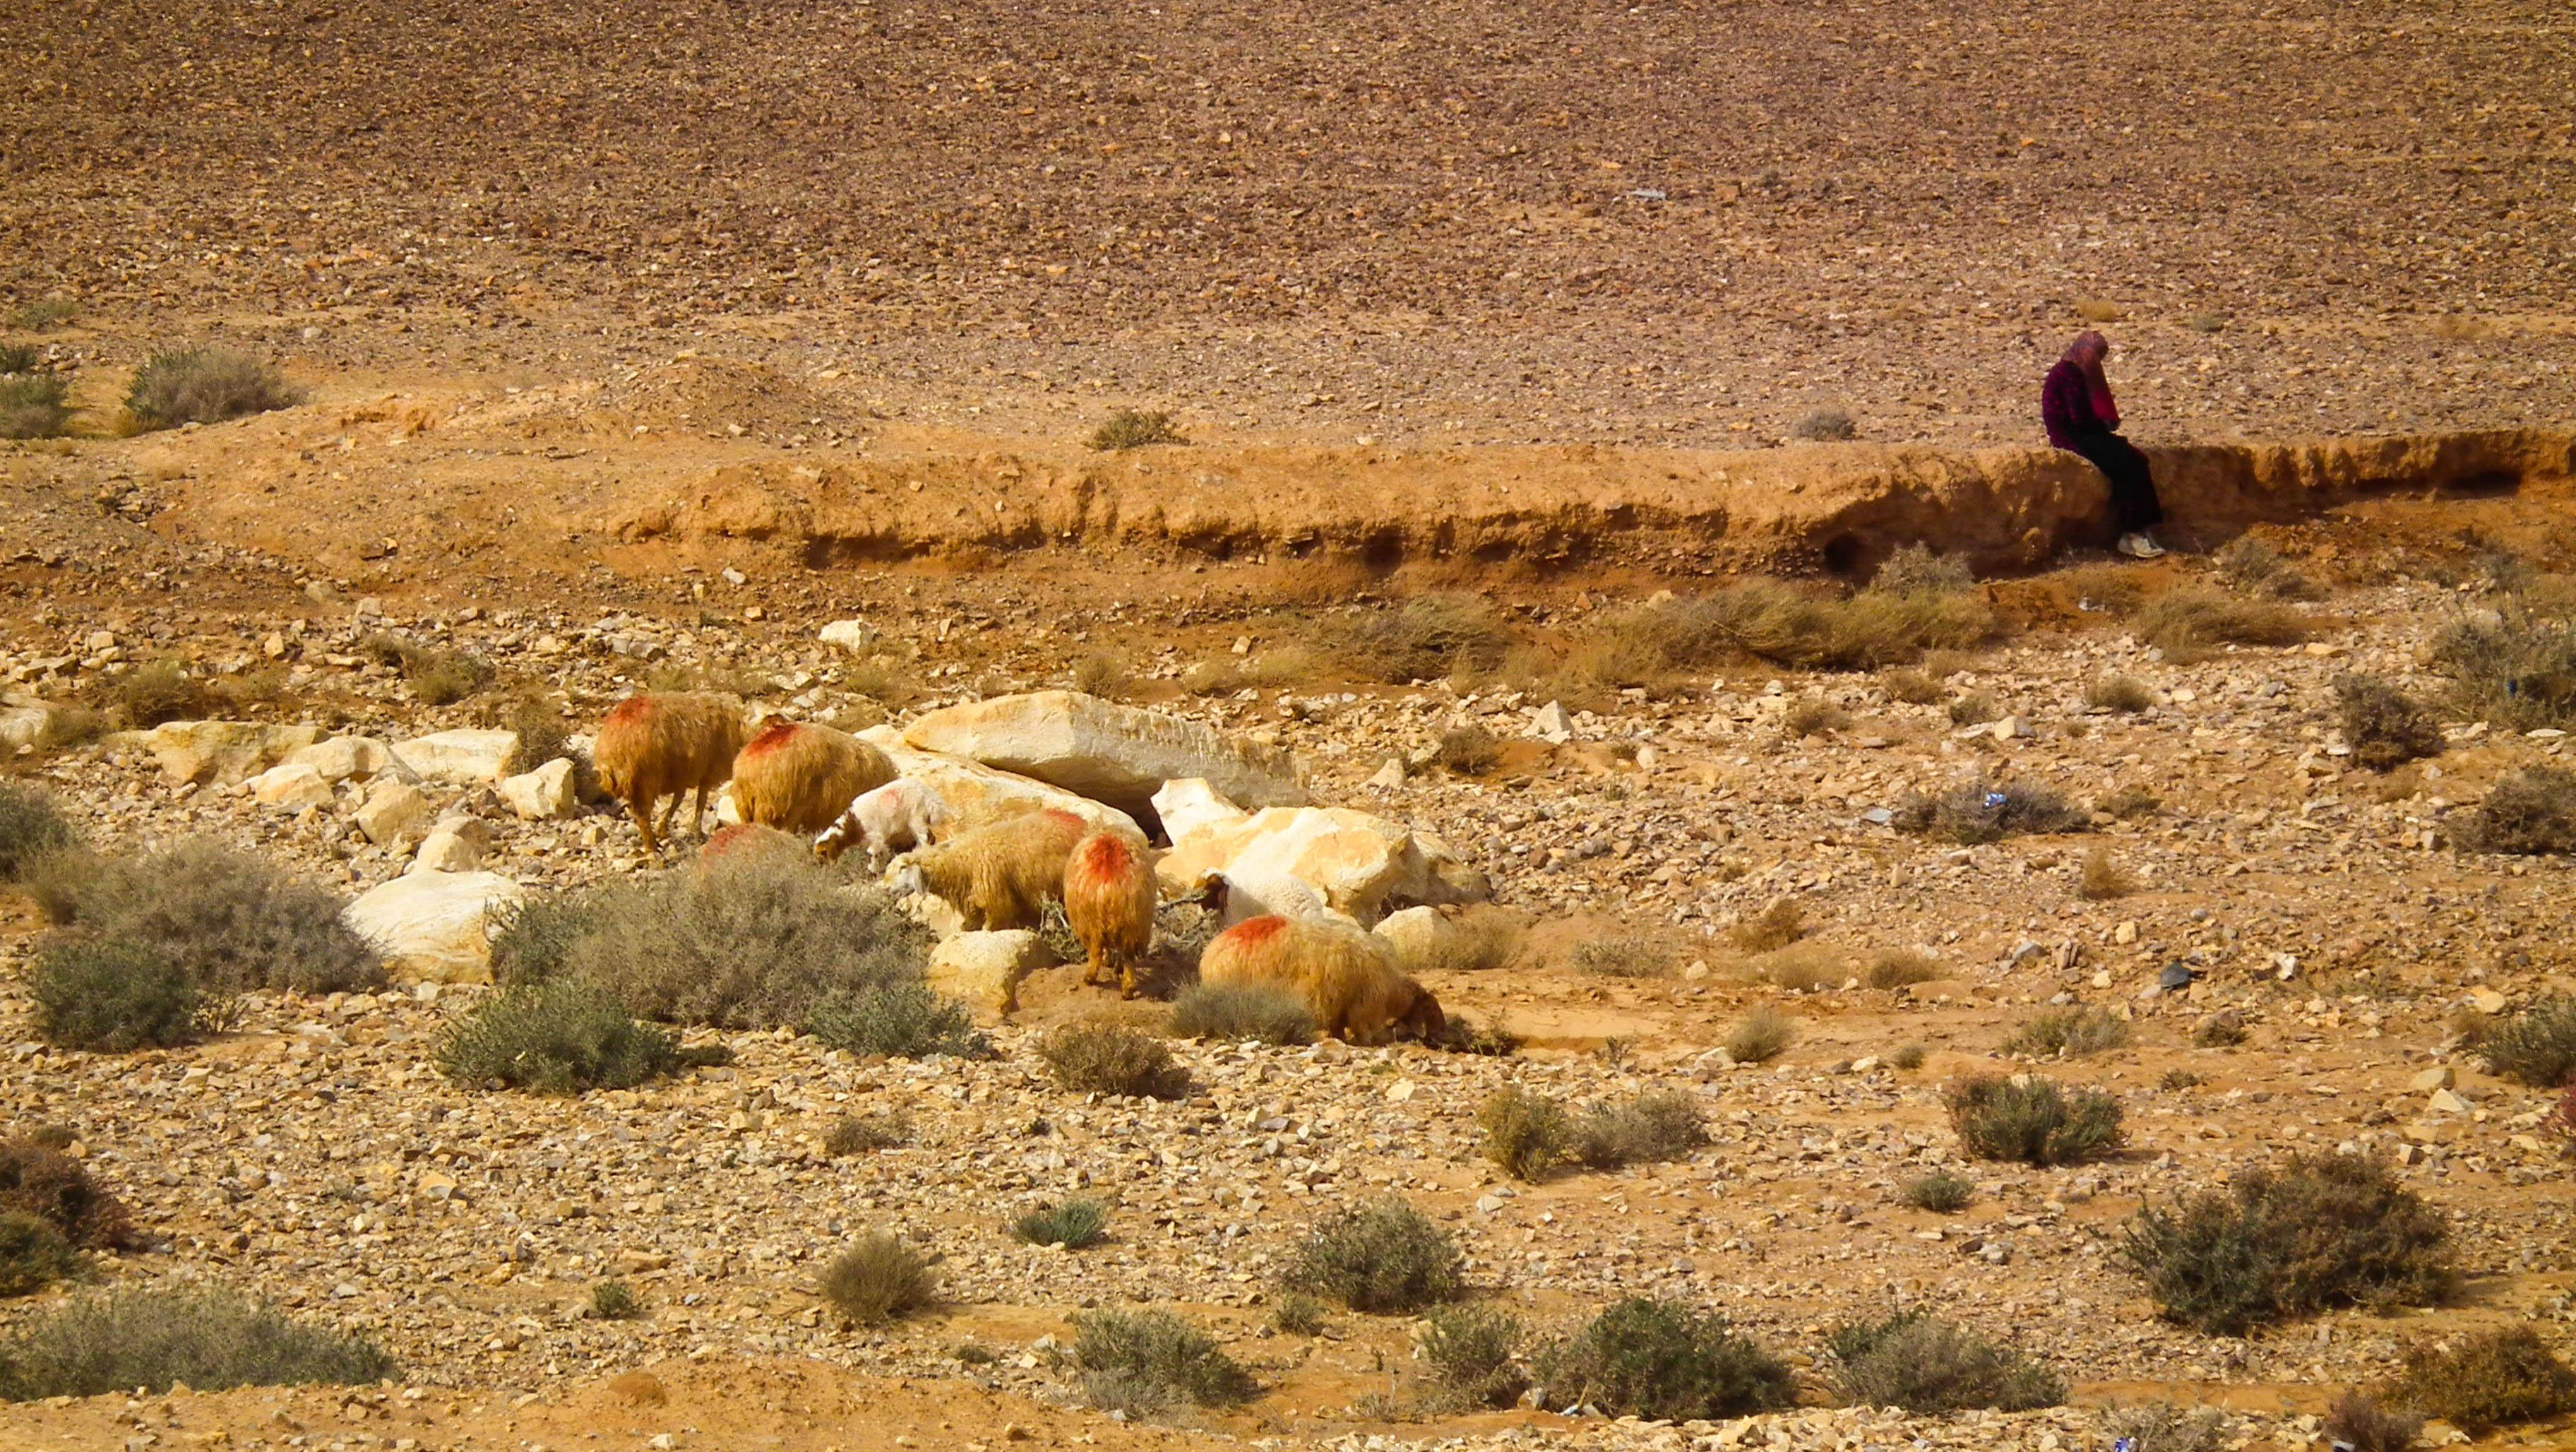 Jordania, Badia, pustynia, Al-Badiyah